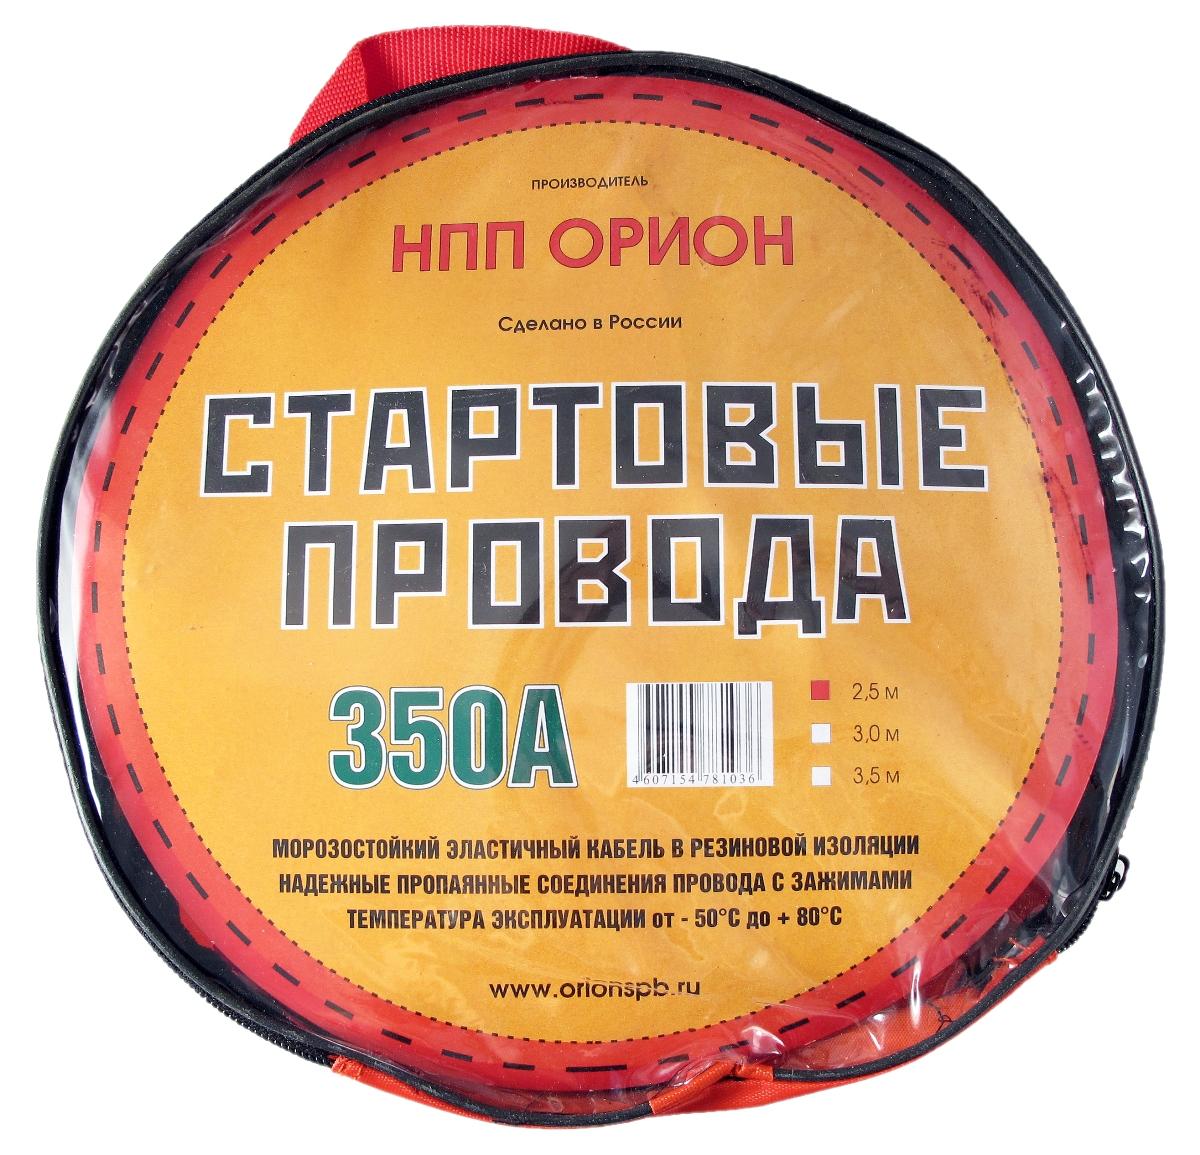 """Орион авто Стартовые провода """"Орион"""", хладостойкие, в сумке, 350А, 2,5 м 5038"""